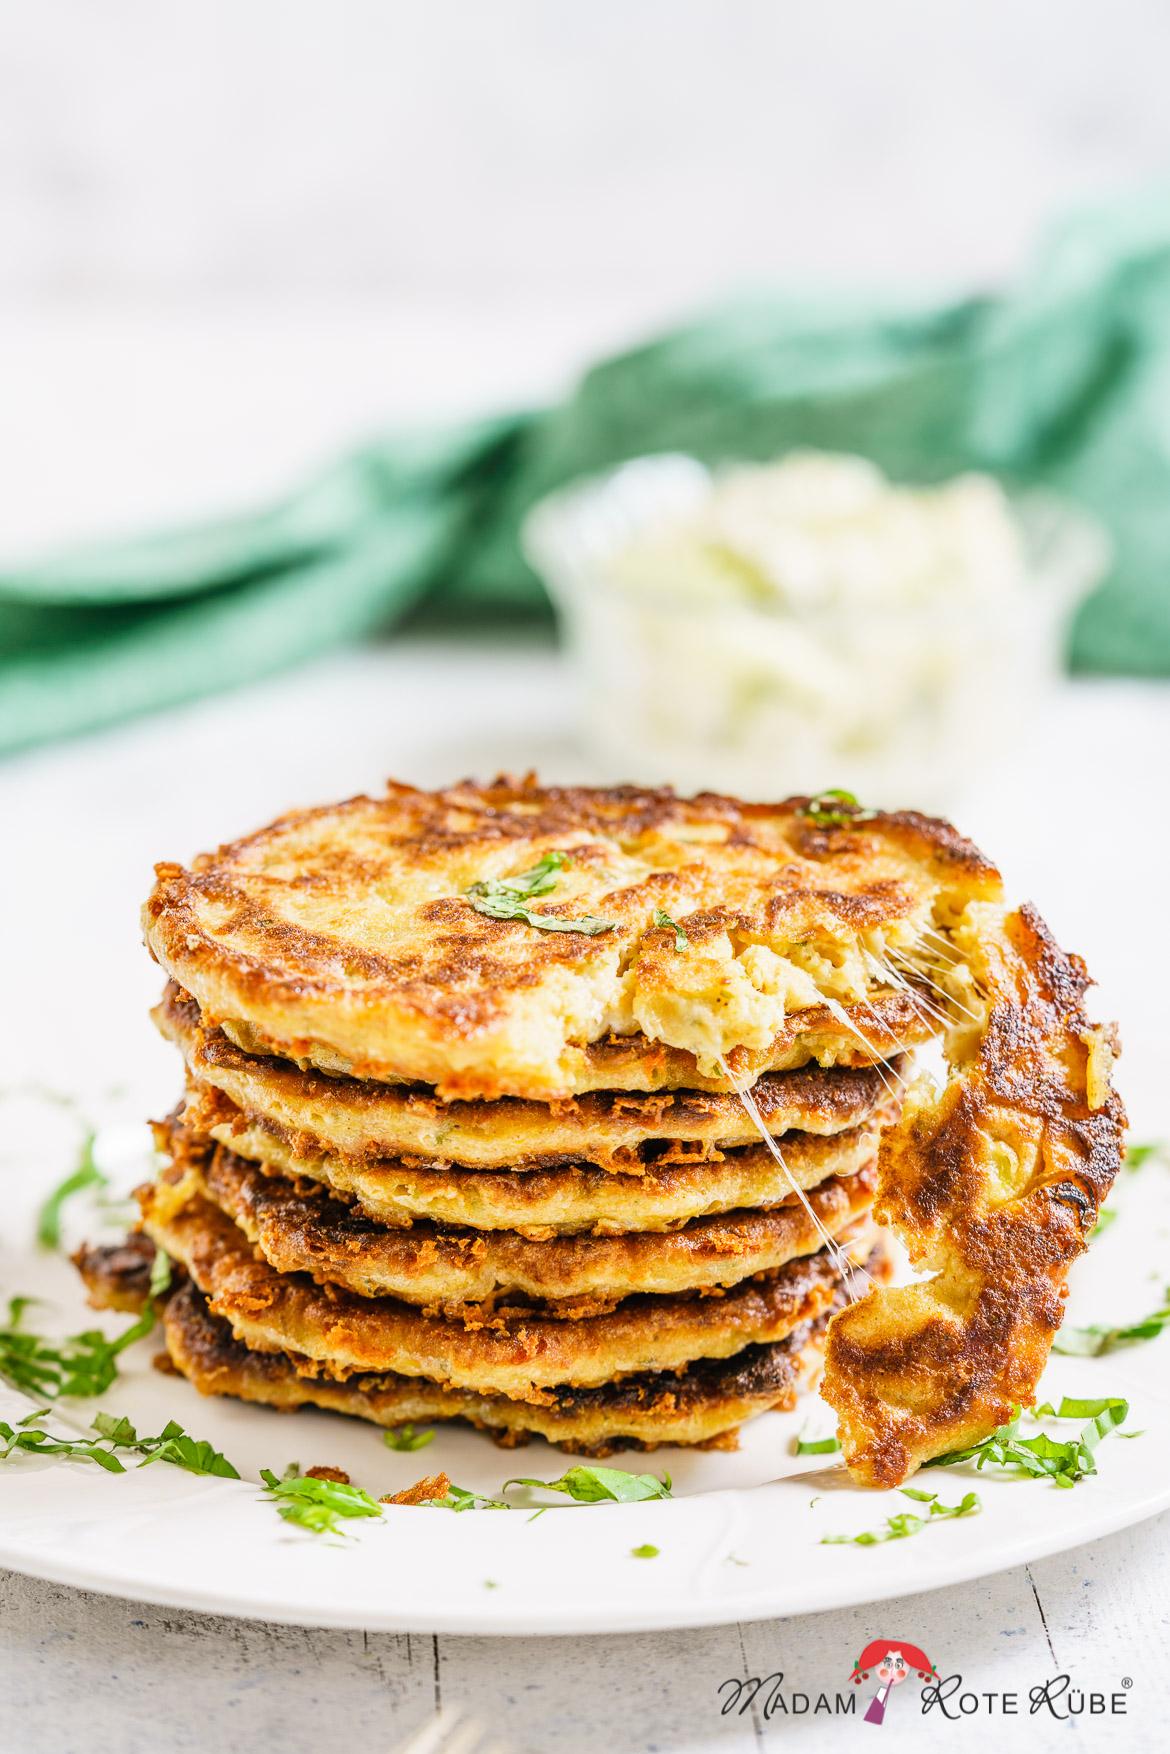 Käse-Eierpfannkuchen mit Dinkelvollkorn - Madam Rote Rübe